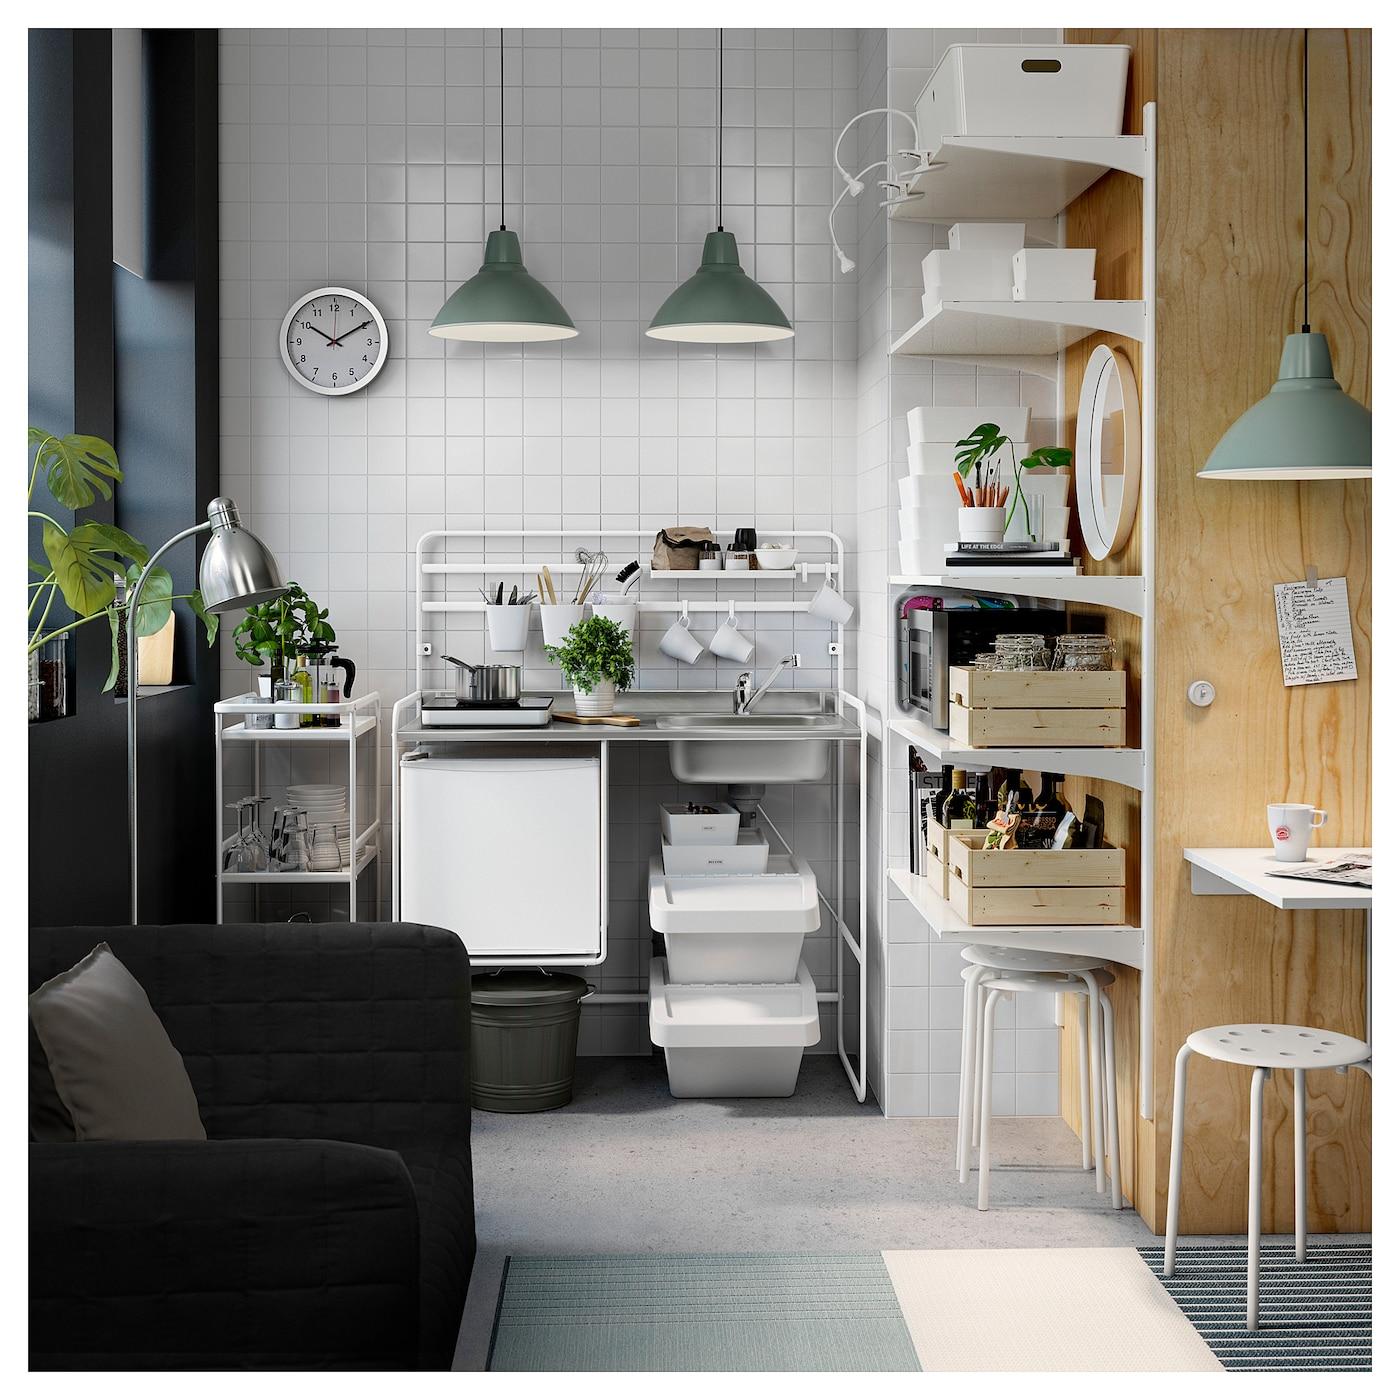 Full Size of Single Küche Ikea Sunnersta Minikche Jetzt Informieren Deutschland Selbst Zusammenstellen Waschbecken Grillplatte Vorhänge Singleküche Mit Kühlschrank Wohnzimmer Single Küche Ikea